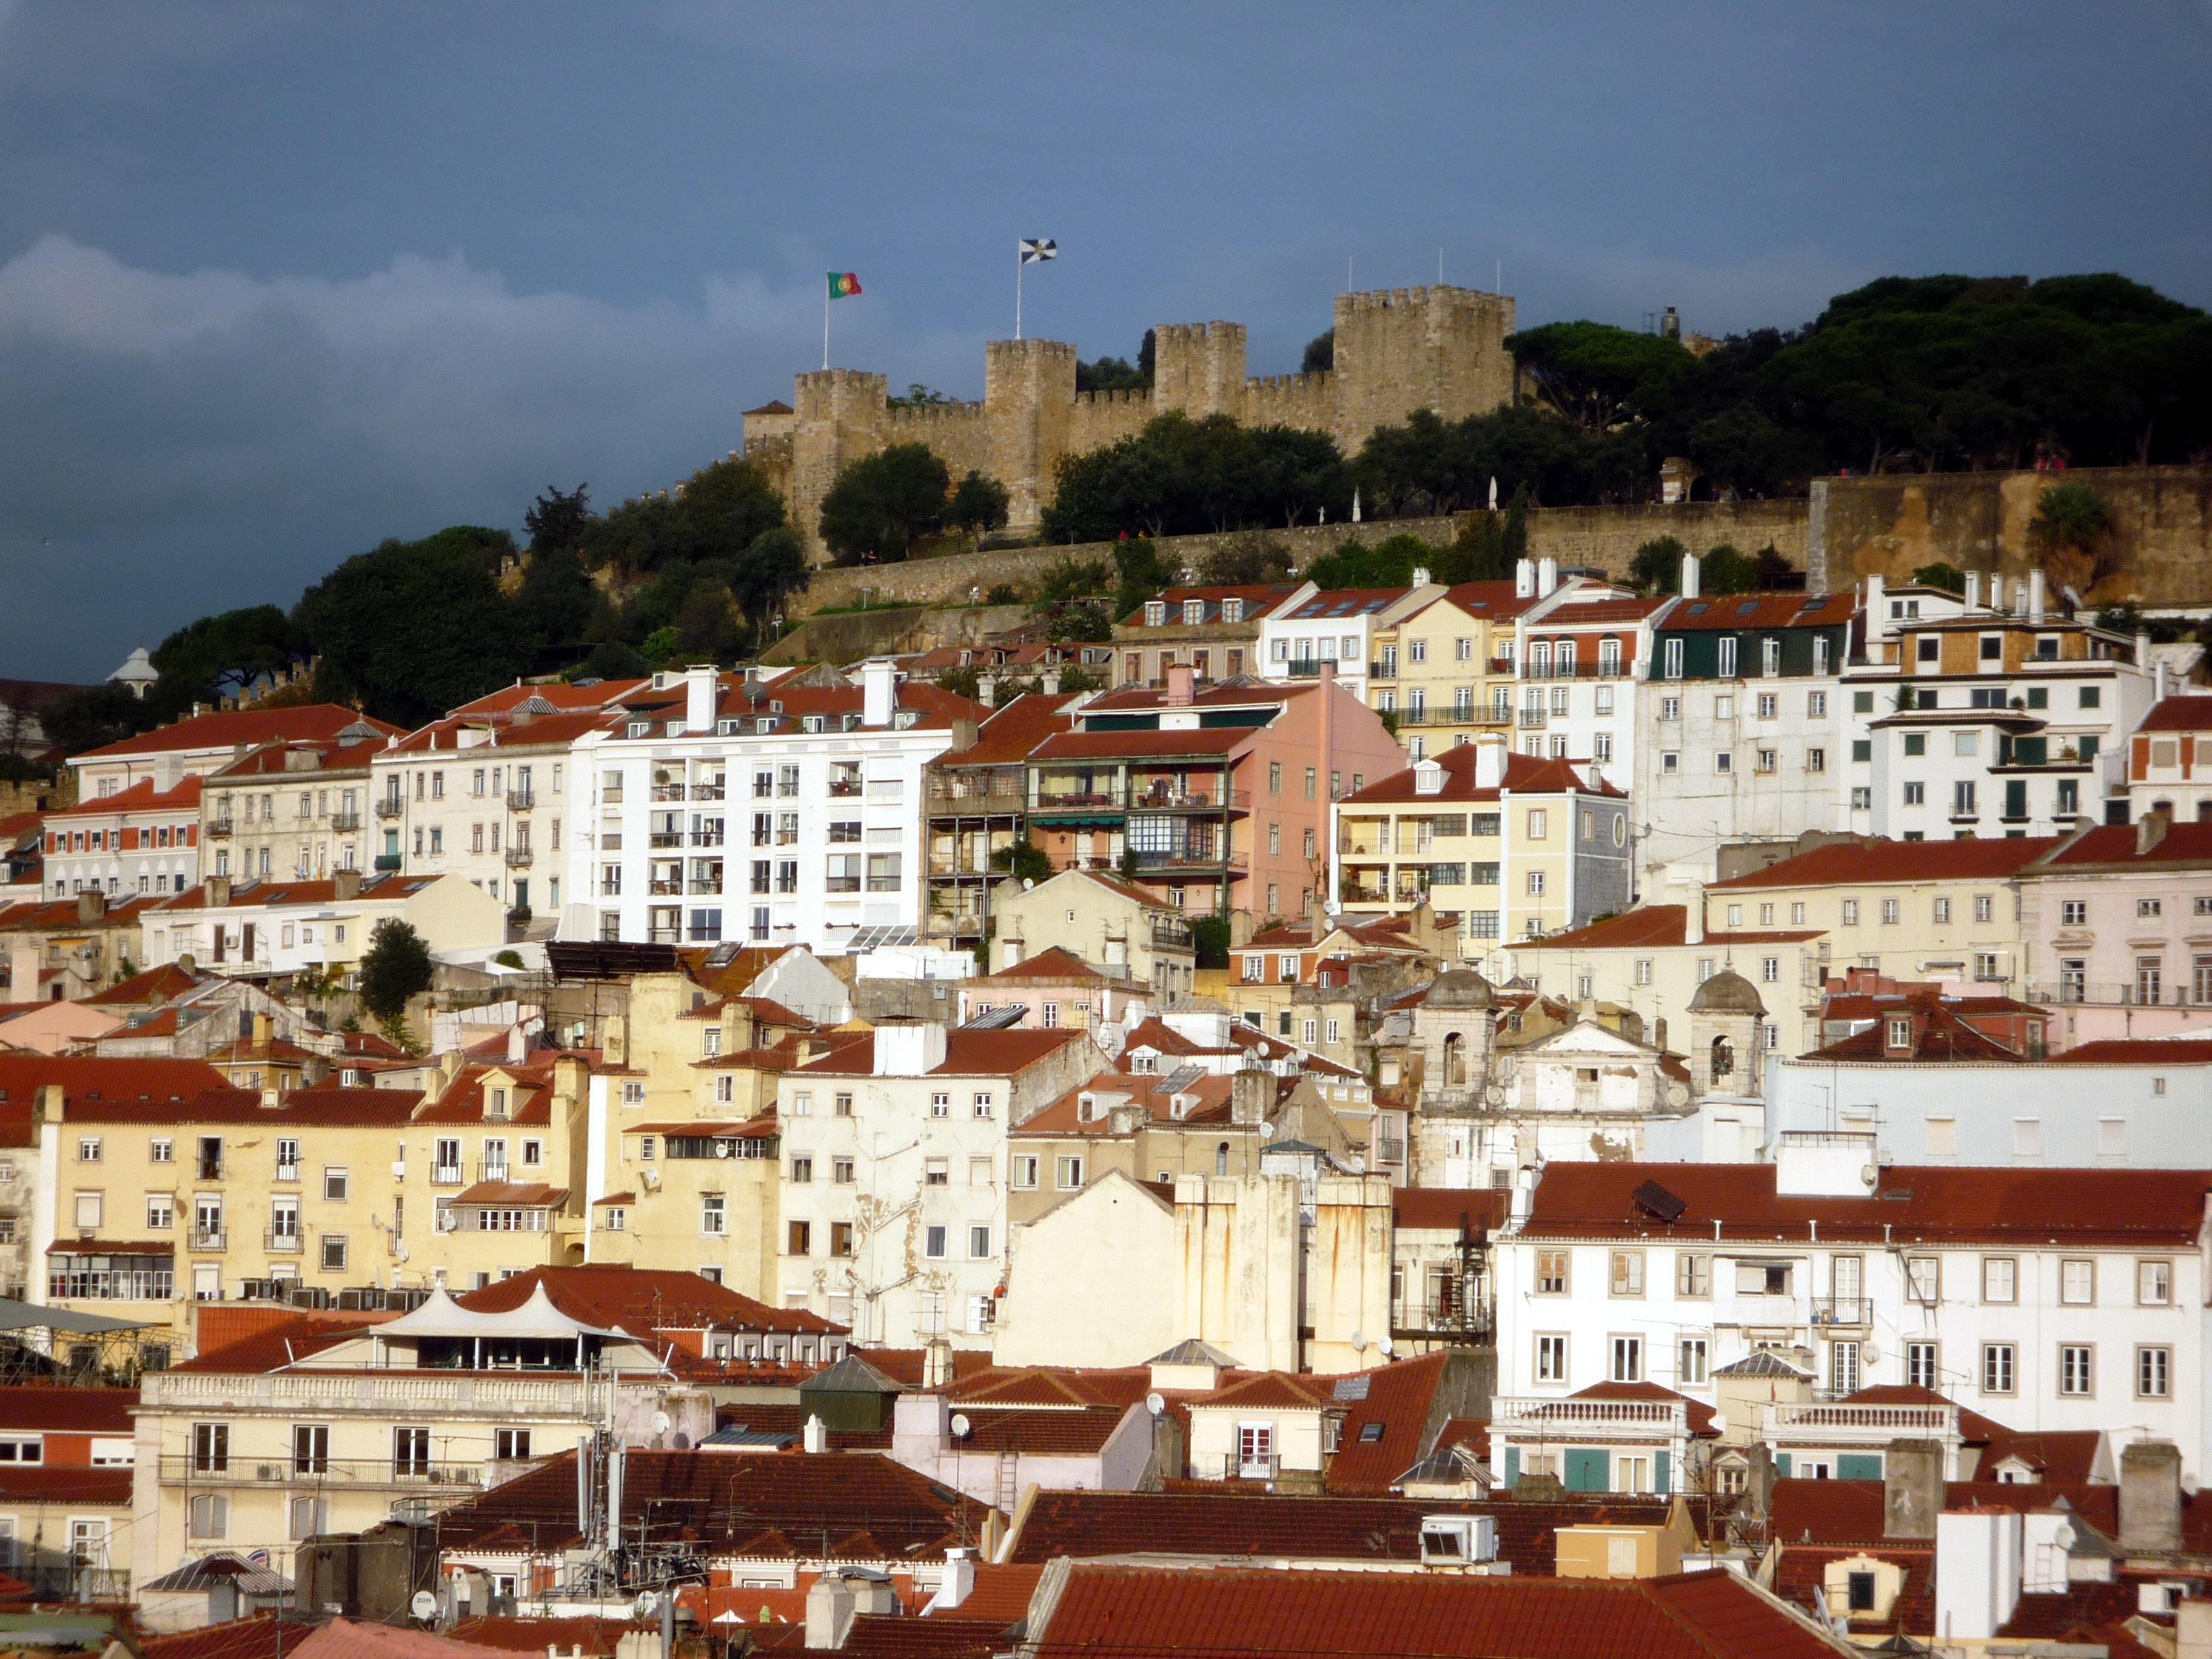 Архитектура лиссабона картинки, кексик картинки караоке